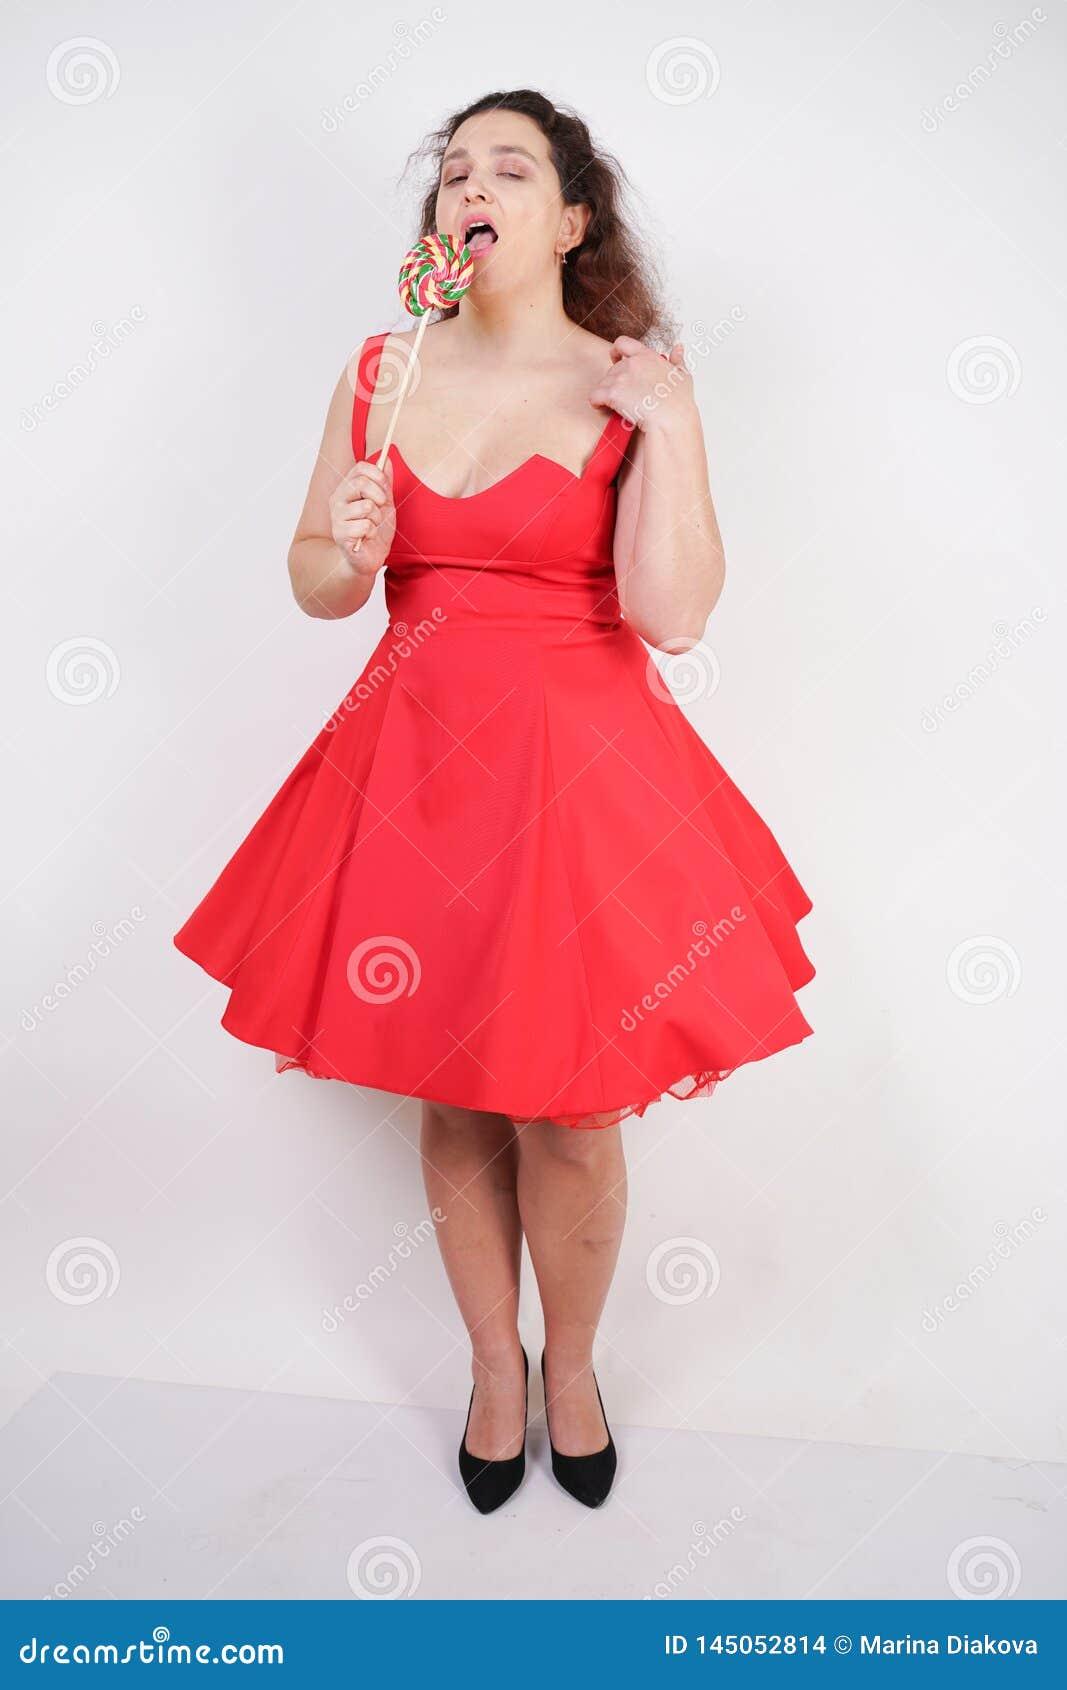 Tłuściuchna kobieta w czerwonej pinup sukni pyzata modna dziewczyny pozycja na białym tle w studiu